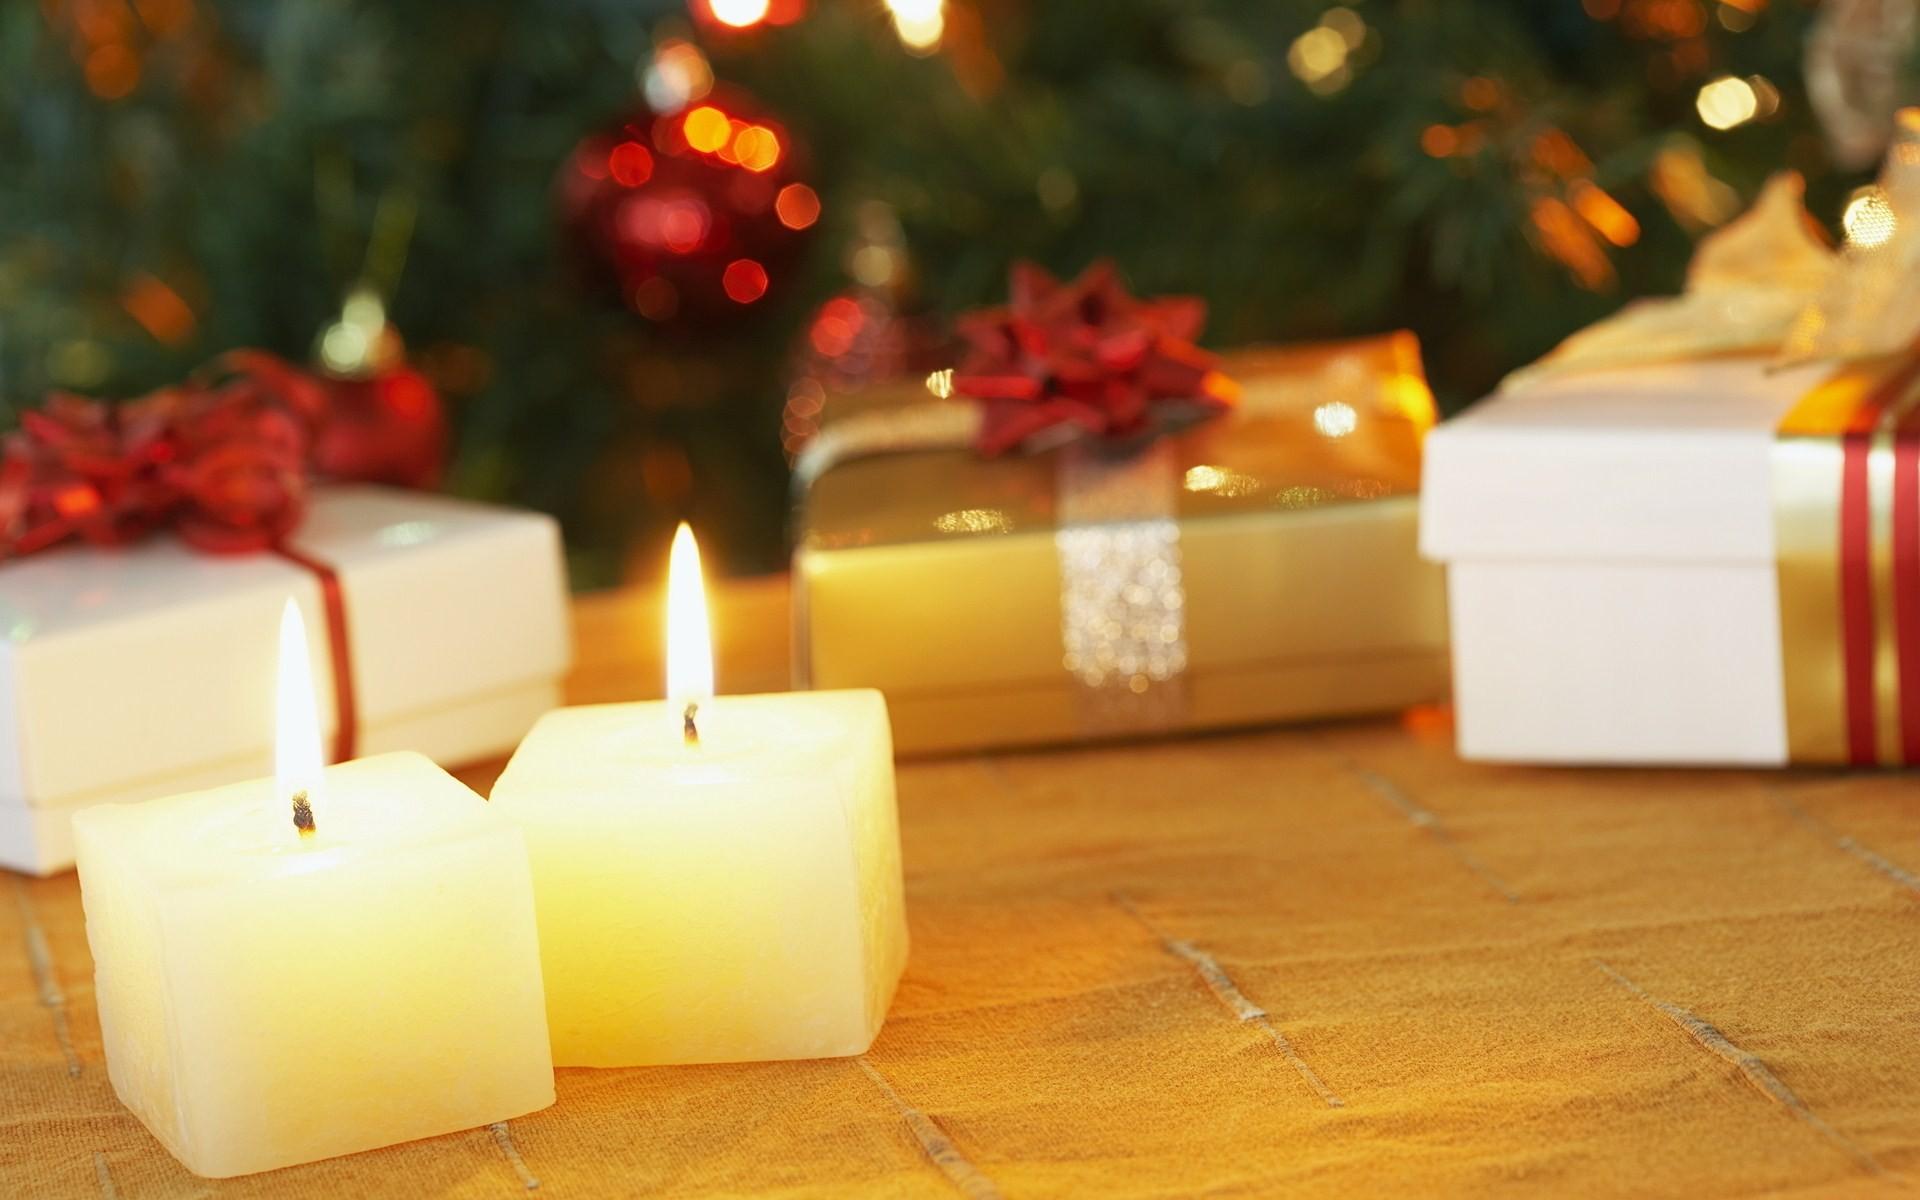 Velas cuadradas como adornos en navidad - 1920x1200